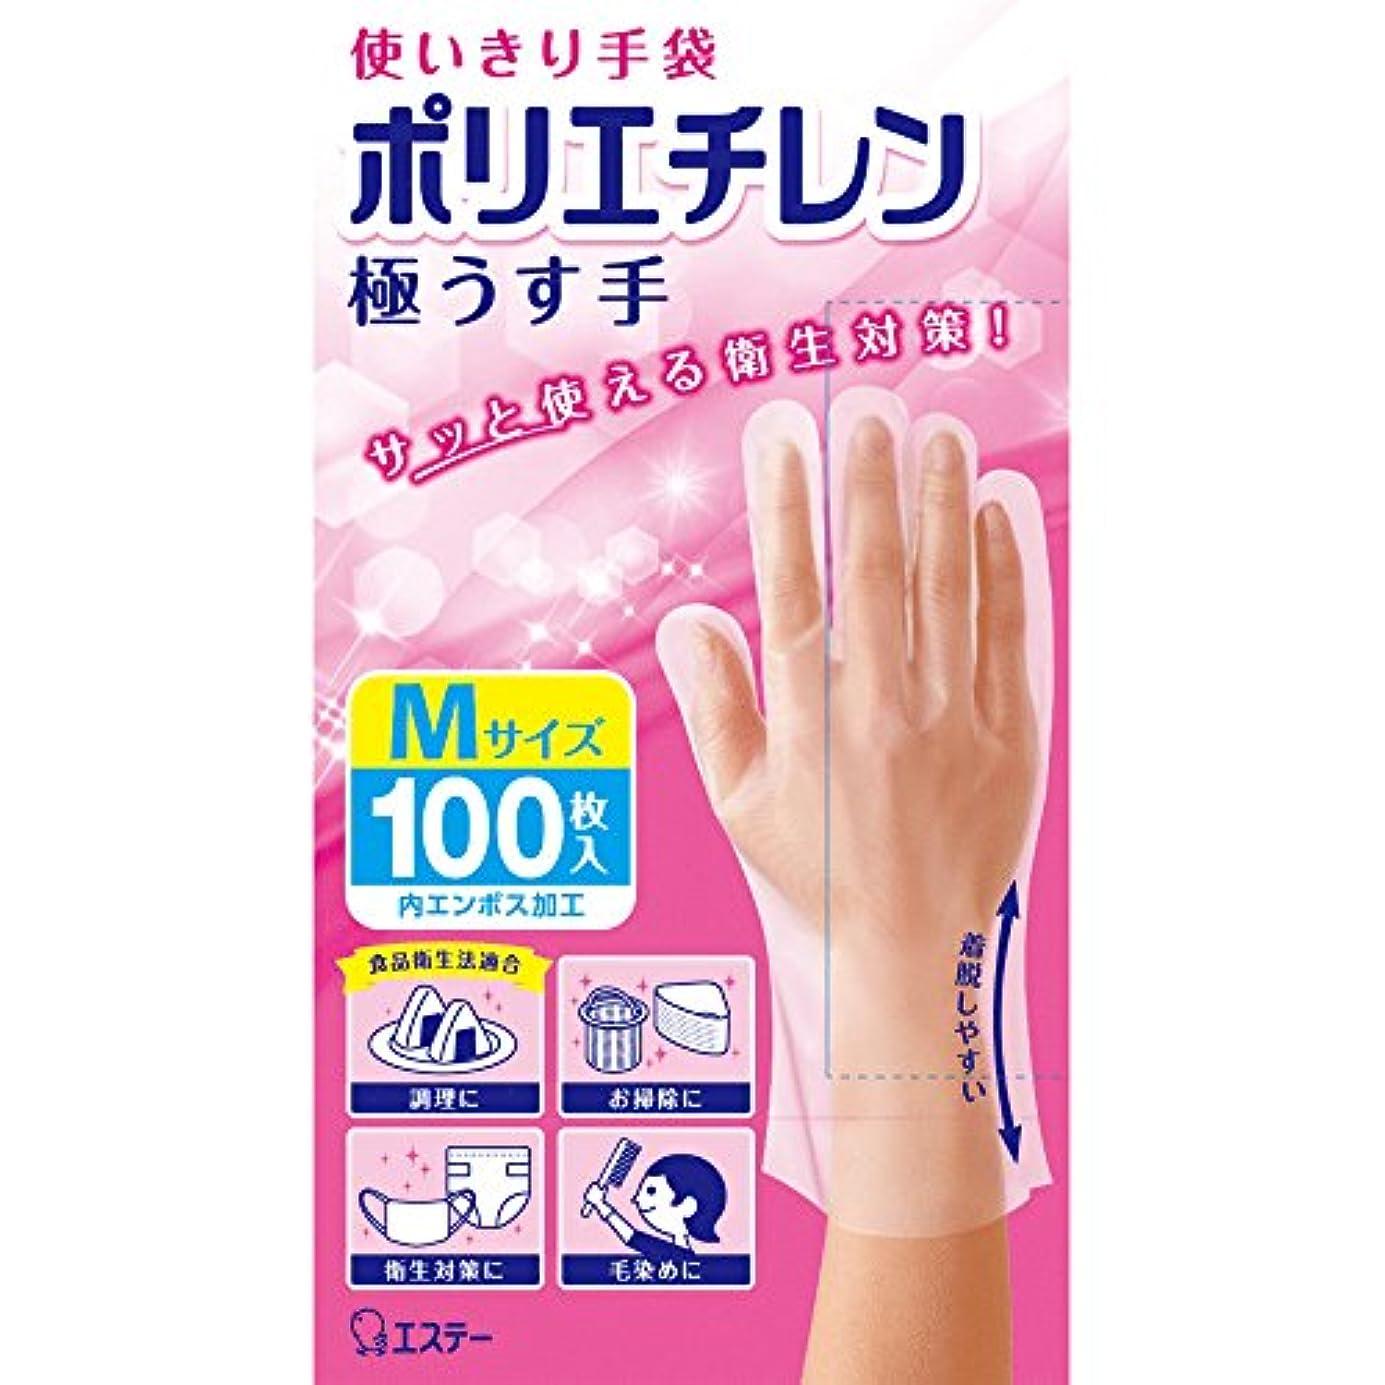 服のホスト男性使いきり手袋 ポリエチレン 極うす手 Mサイズ 半透明 100枚 使い捨て 食品衛生法適合